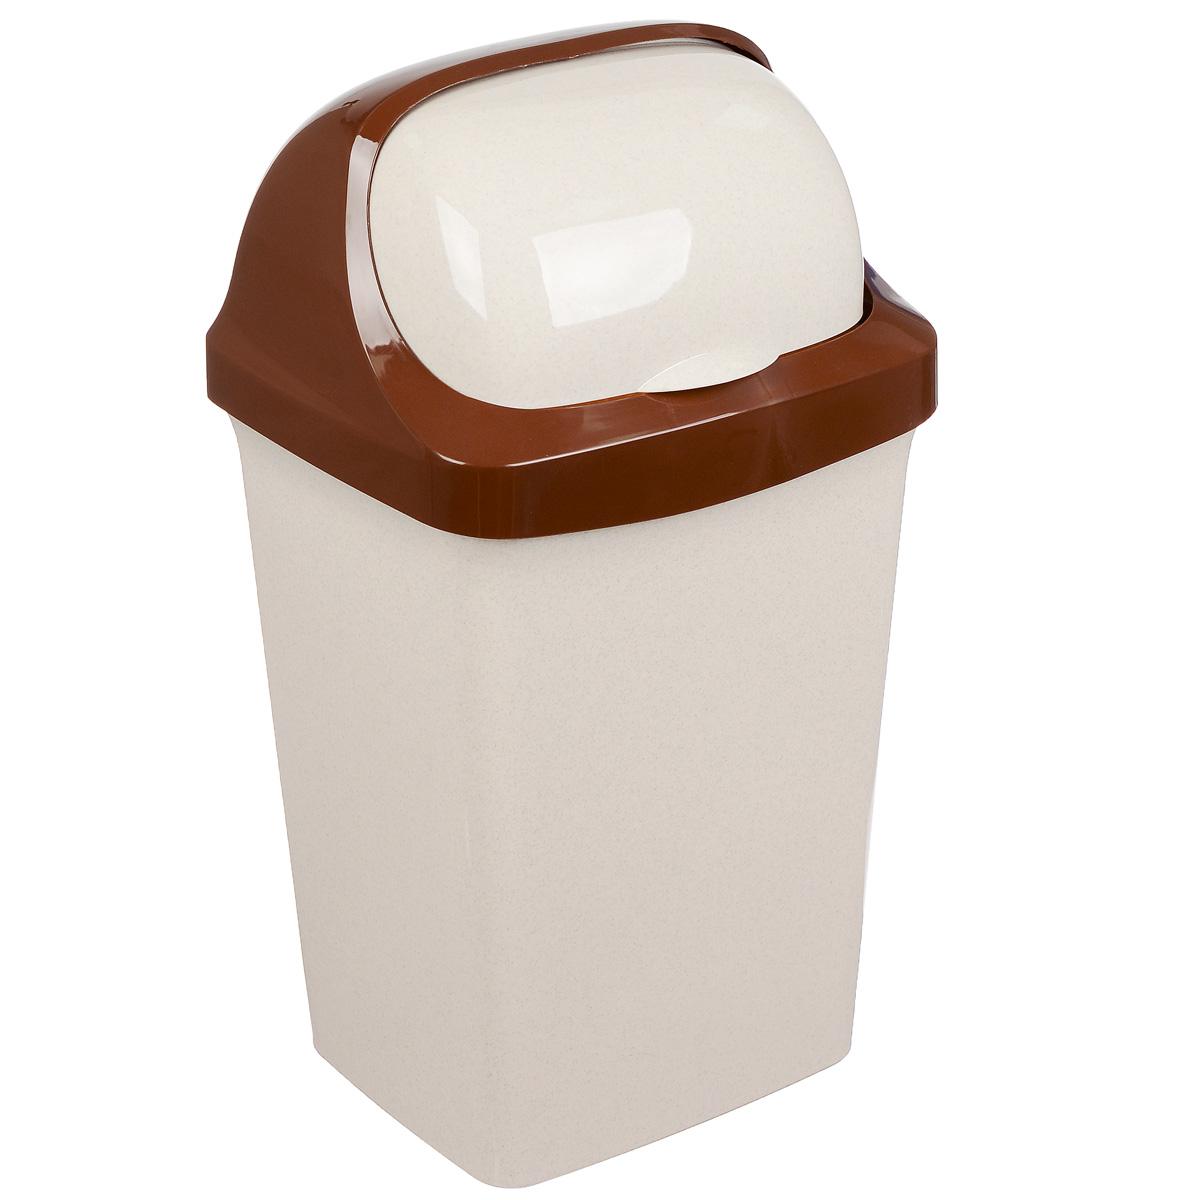 Контейнер для мусора Idea Ролл Топ, цвет: бежевый мрамор, 25 л68/5/1Контейнер для мусора Idea Ролл Топ изготовлен из прочного полипропилена (пластика). Контейнер снабжен удобной съемной крышкой с подвижной перегородкой. Благодаря лаконичному дизайну такой контейнер идеально впишется в интерьер и дома, и офиса.